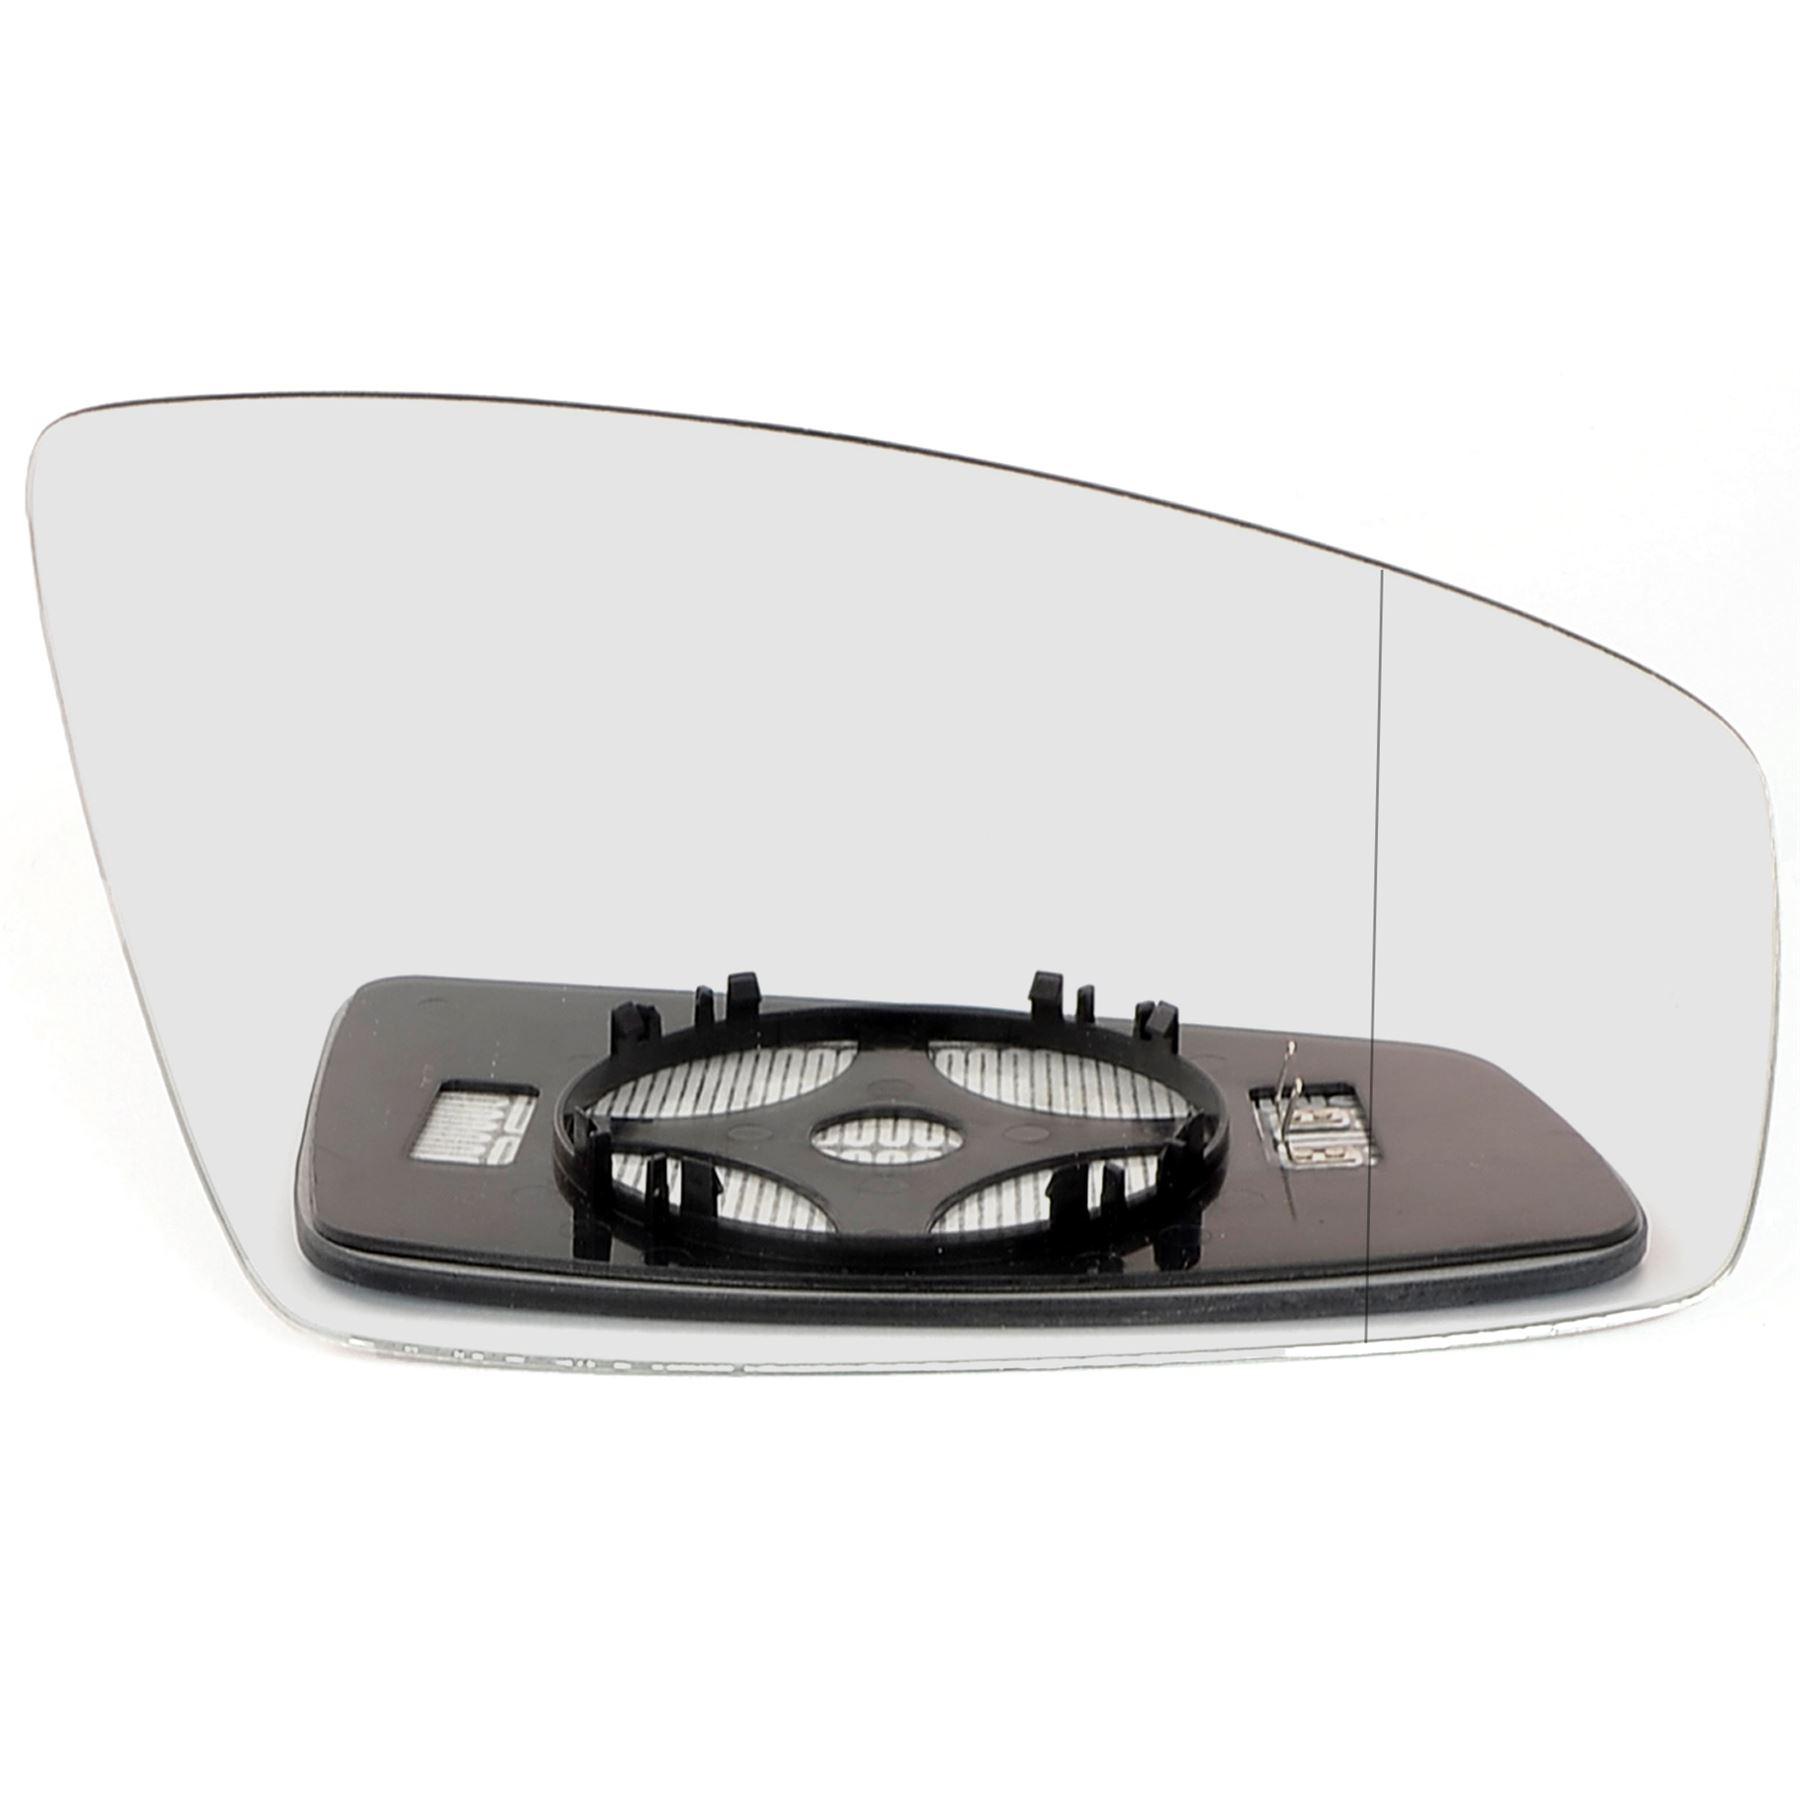 Verre pour Rétroviseur Droit pour Renault Espace 98 Chauffé Miroir Convexe